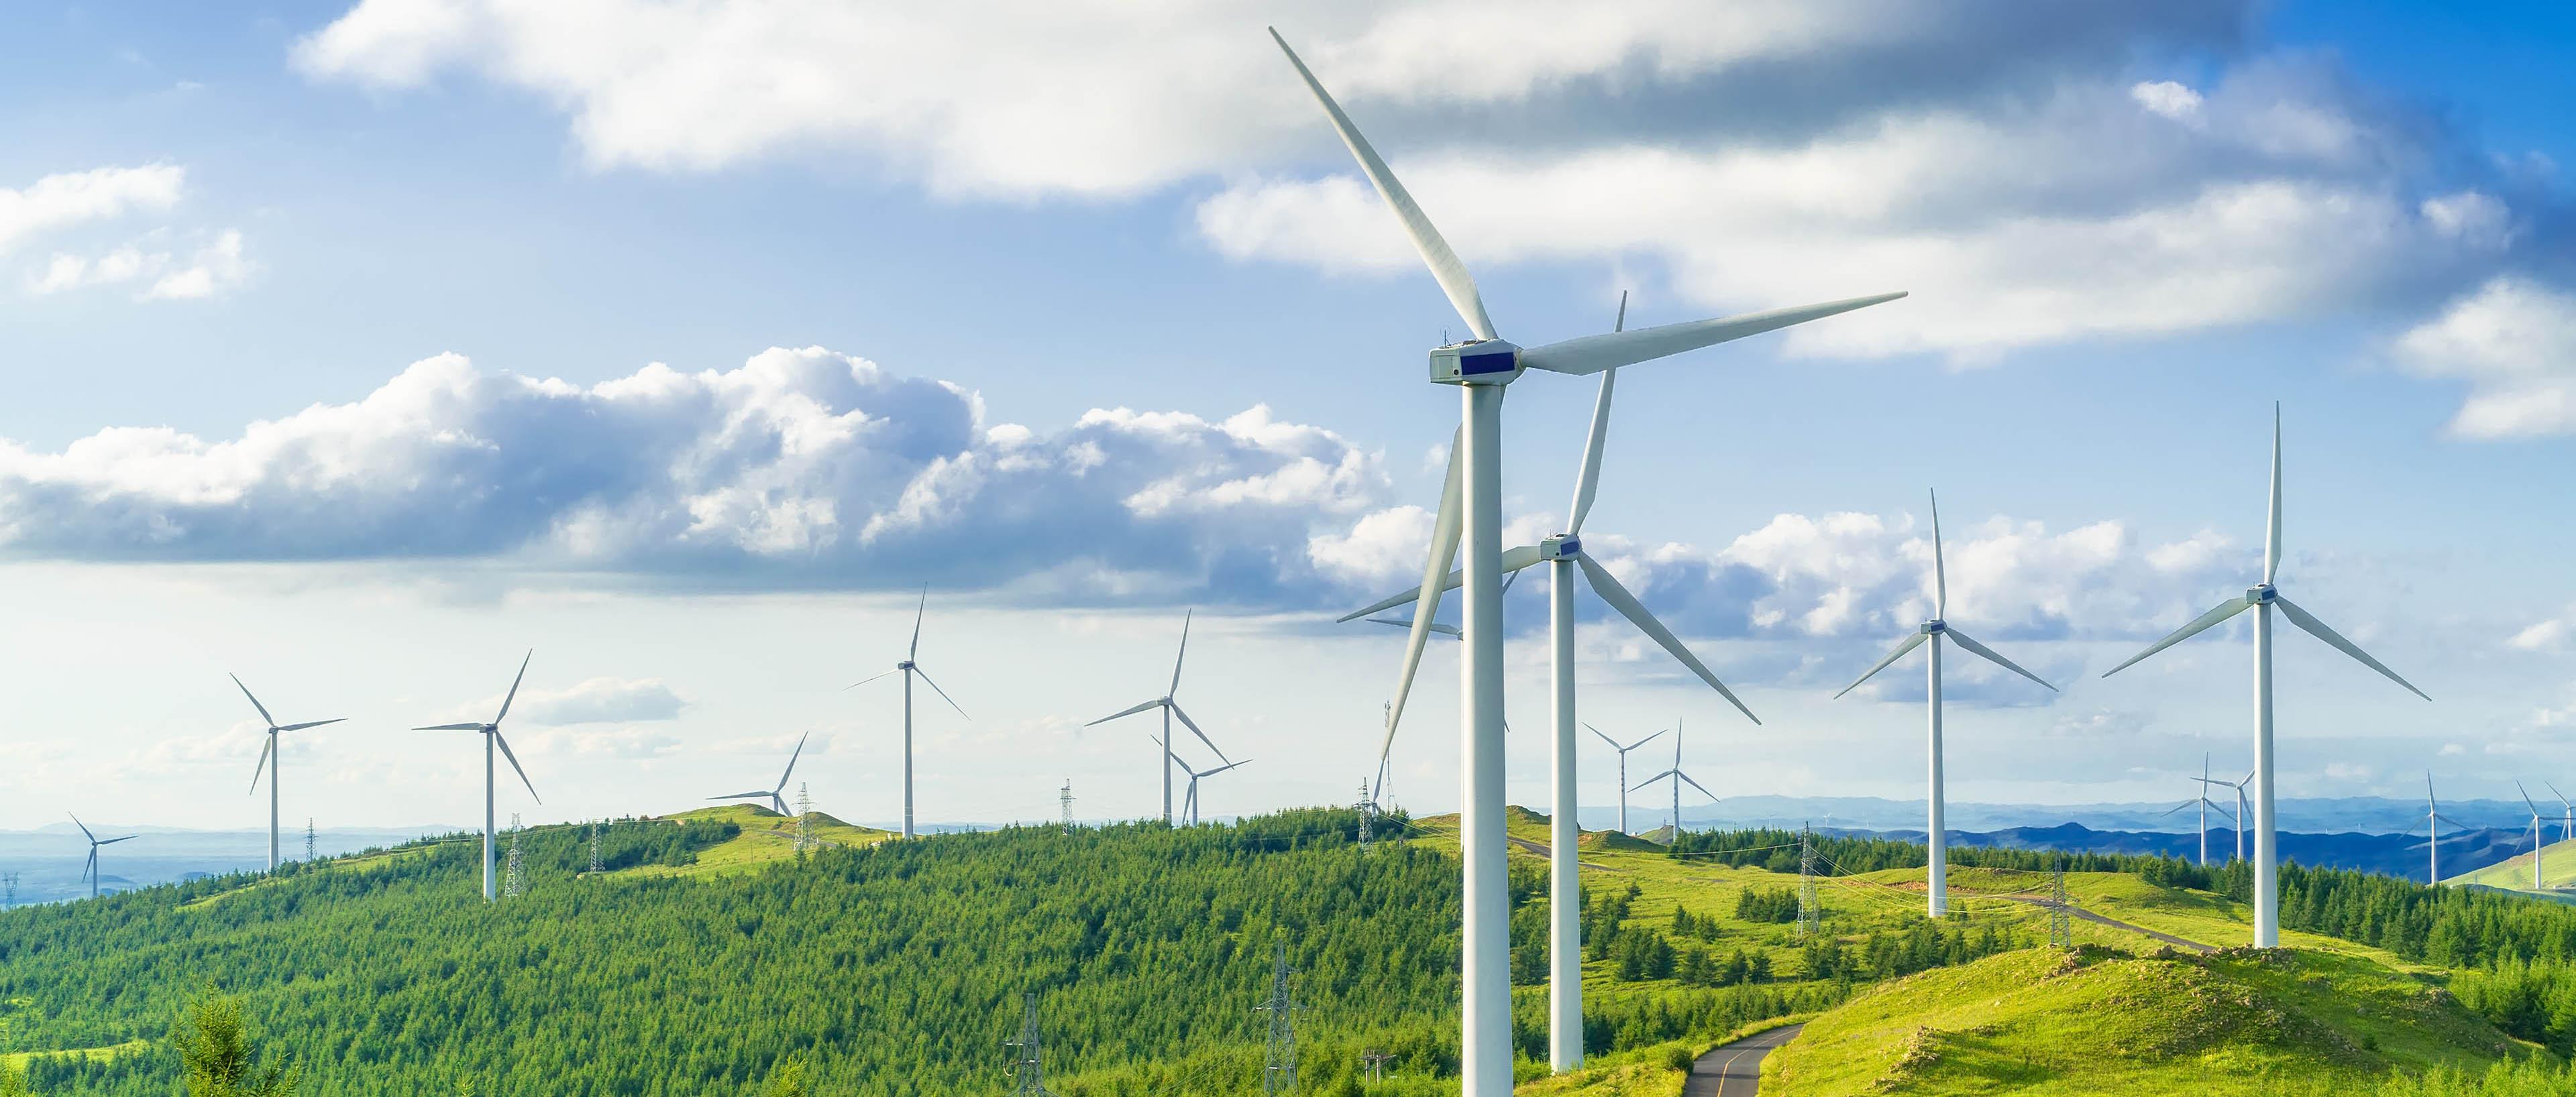 Turbinas de viento en campos en verdes colinas